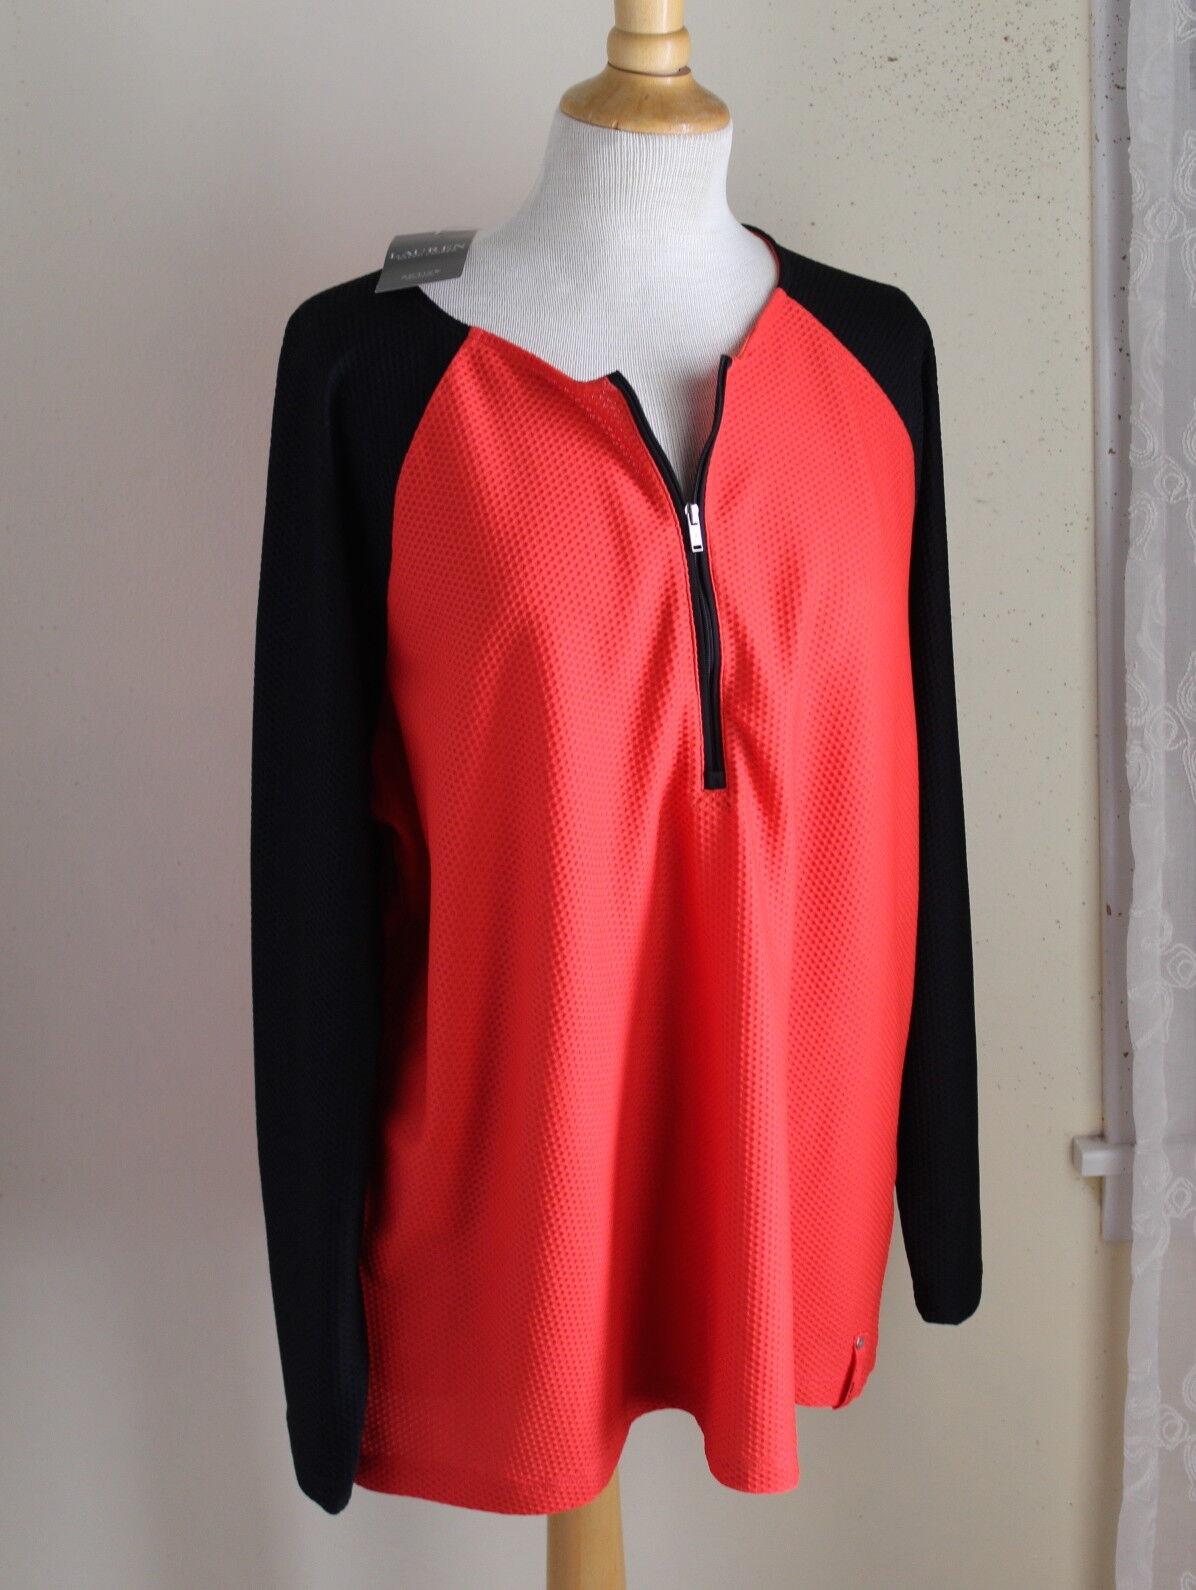 NWT Ralph Lauren Orange schwarz Texturot 1 2 Zip Active Yoga Shirt Top Sz 2X